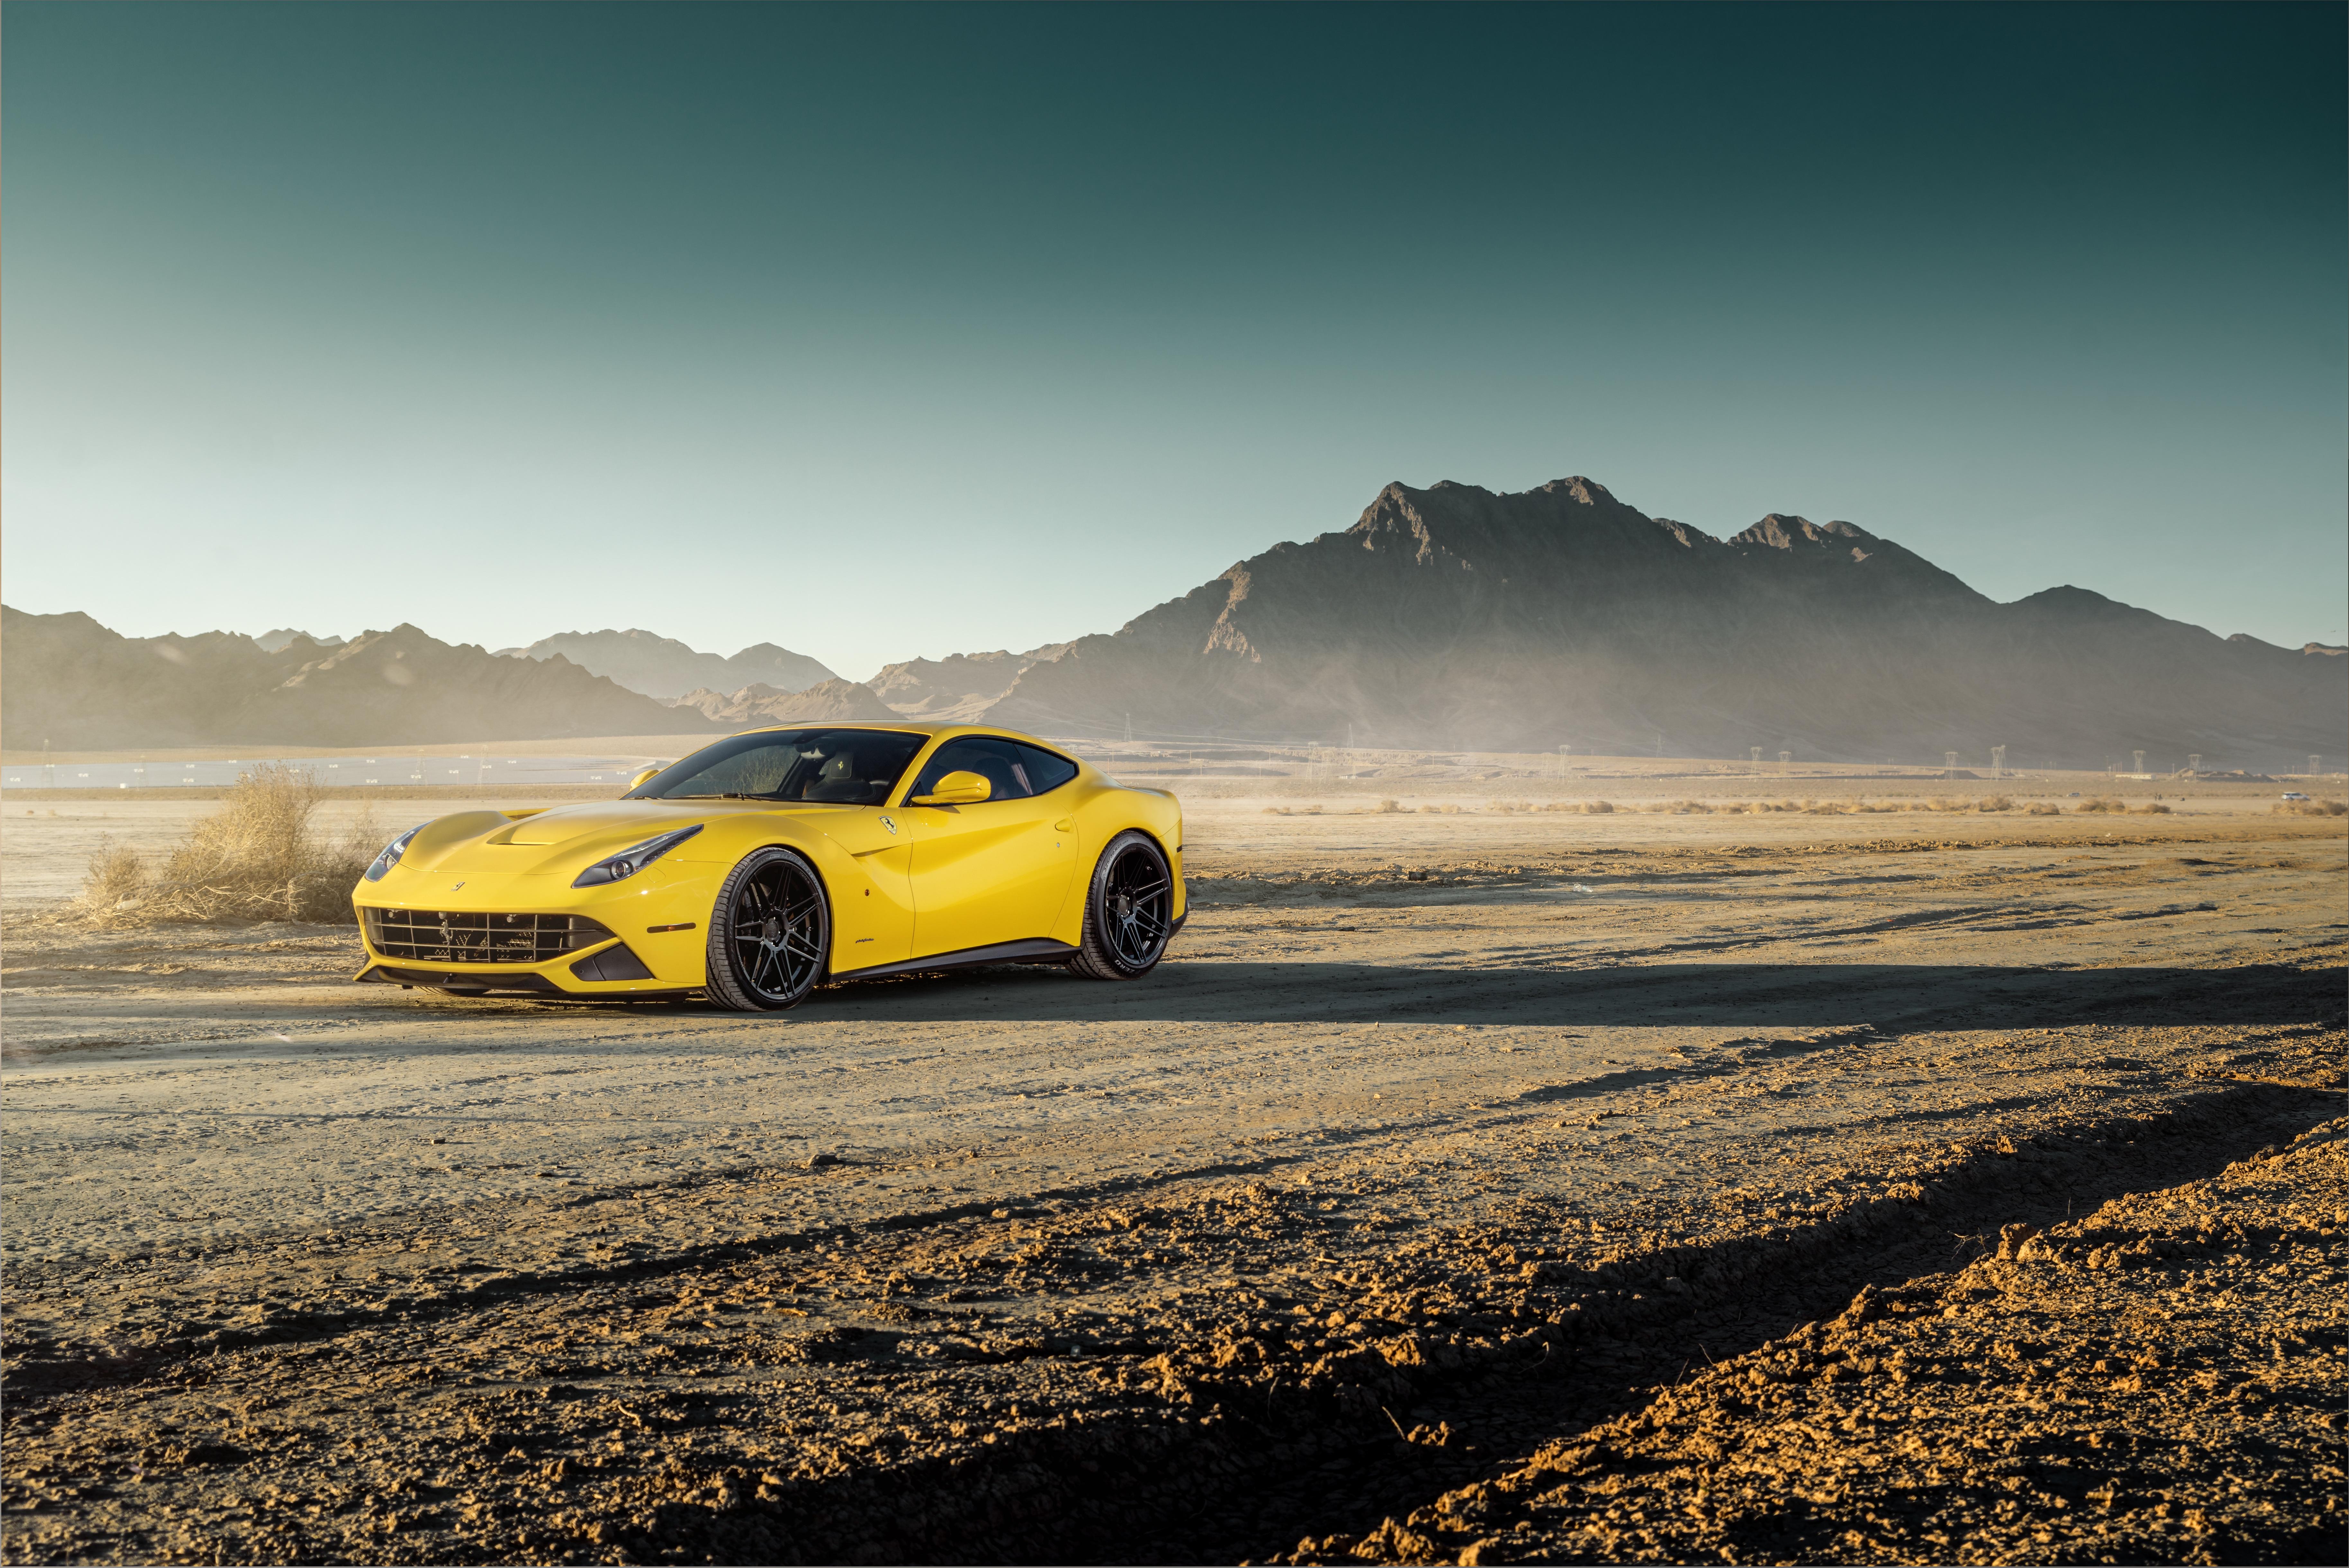 желтый спортивный автомобиль Ferrari F12 Berlinetta Wheelsandmore  № 1564384  скачать